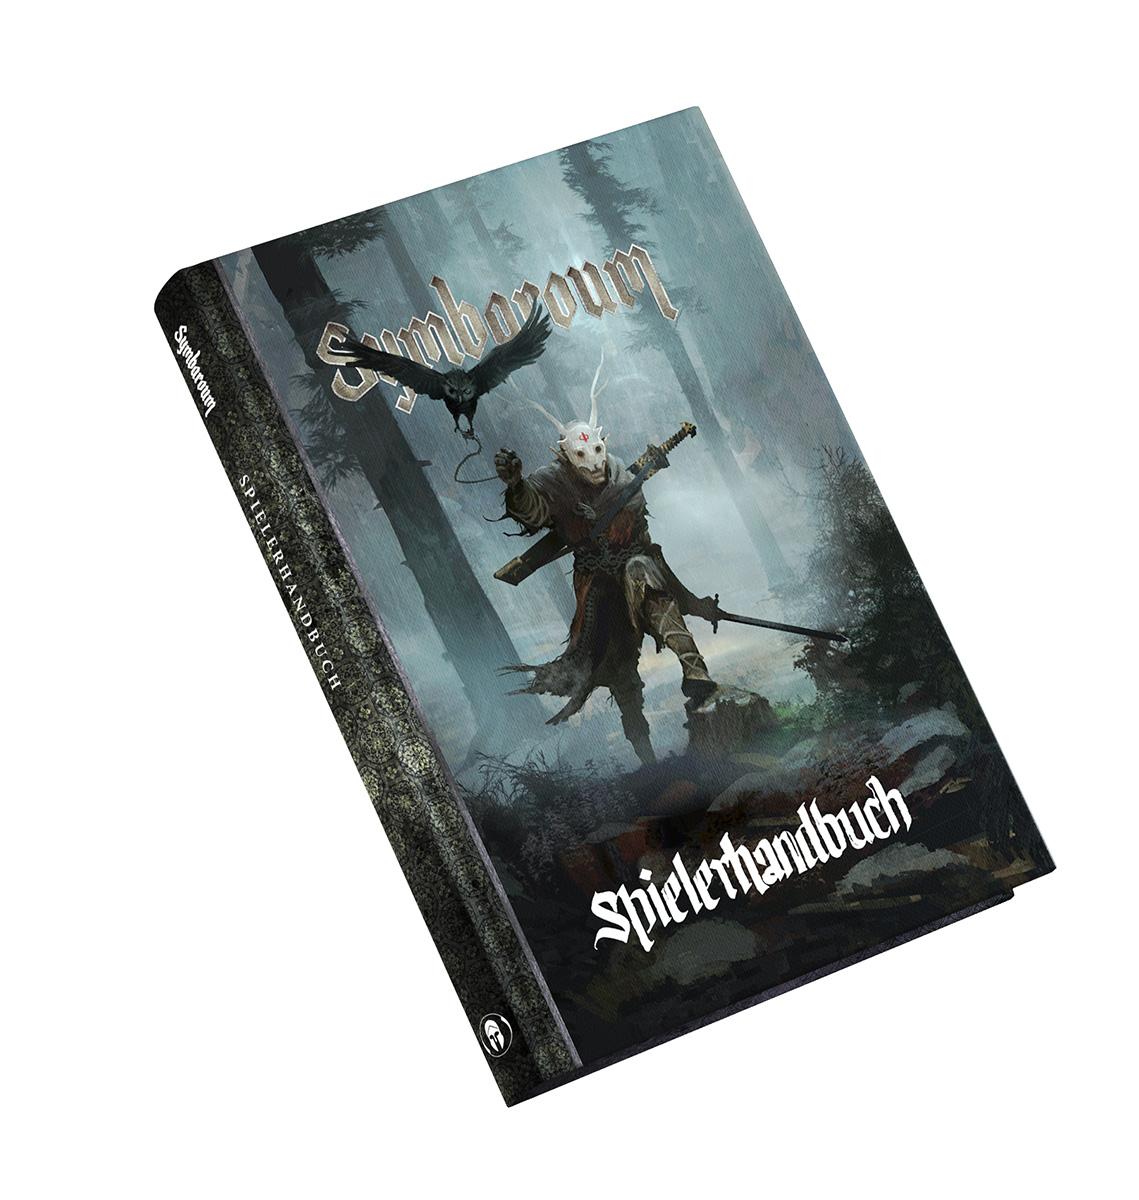 Symbaroum-Spielerhandbuch-Mockup.jpg